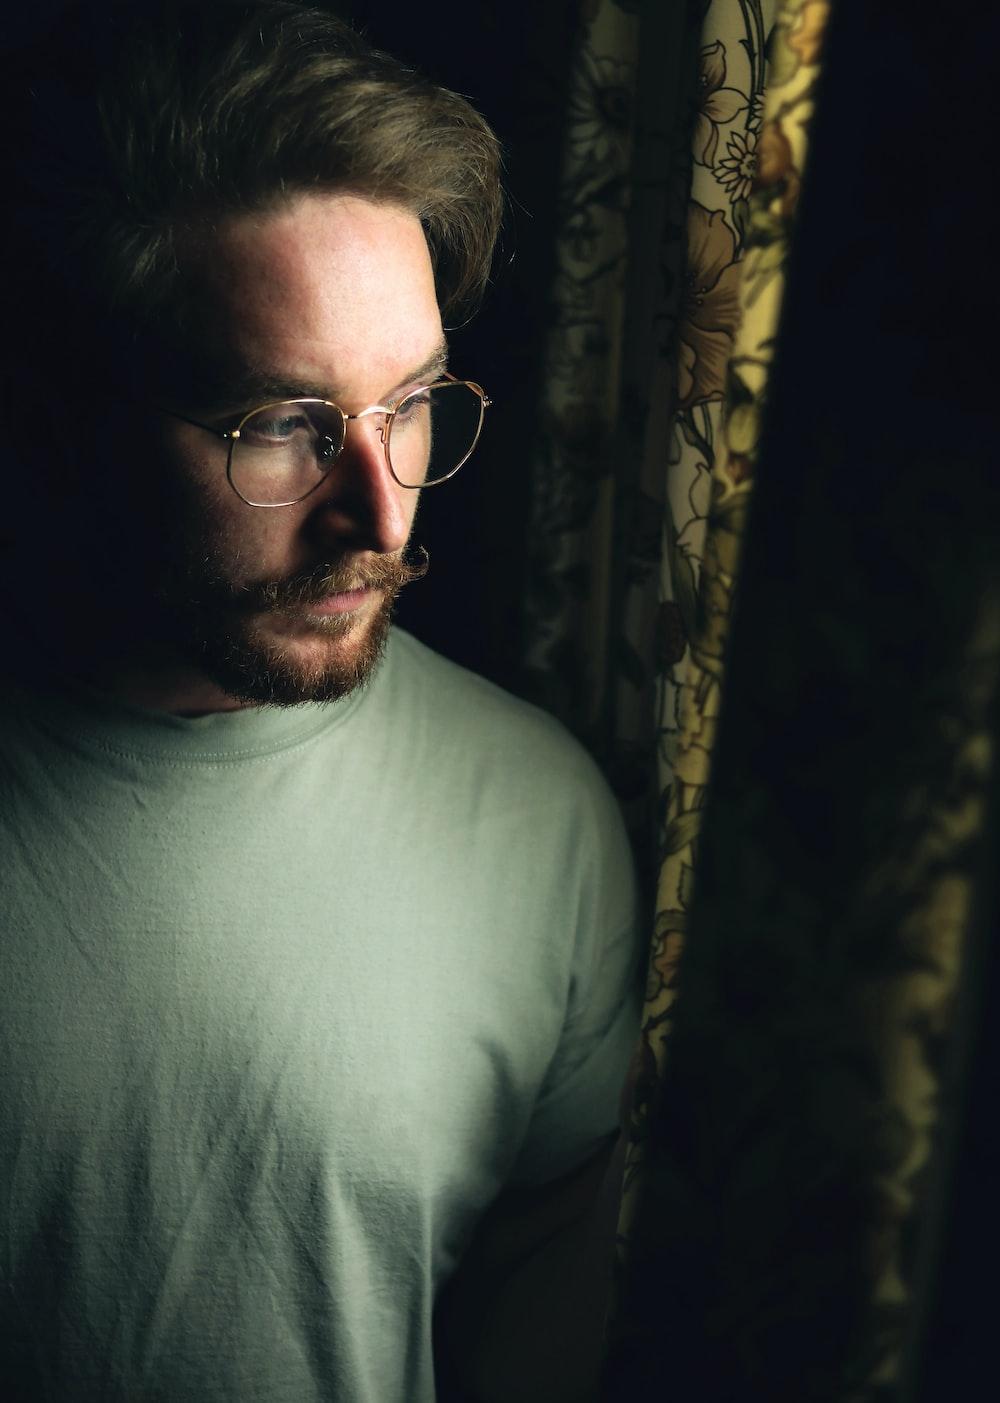 man wearing eyeglasses looking outside curtains